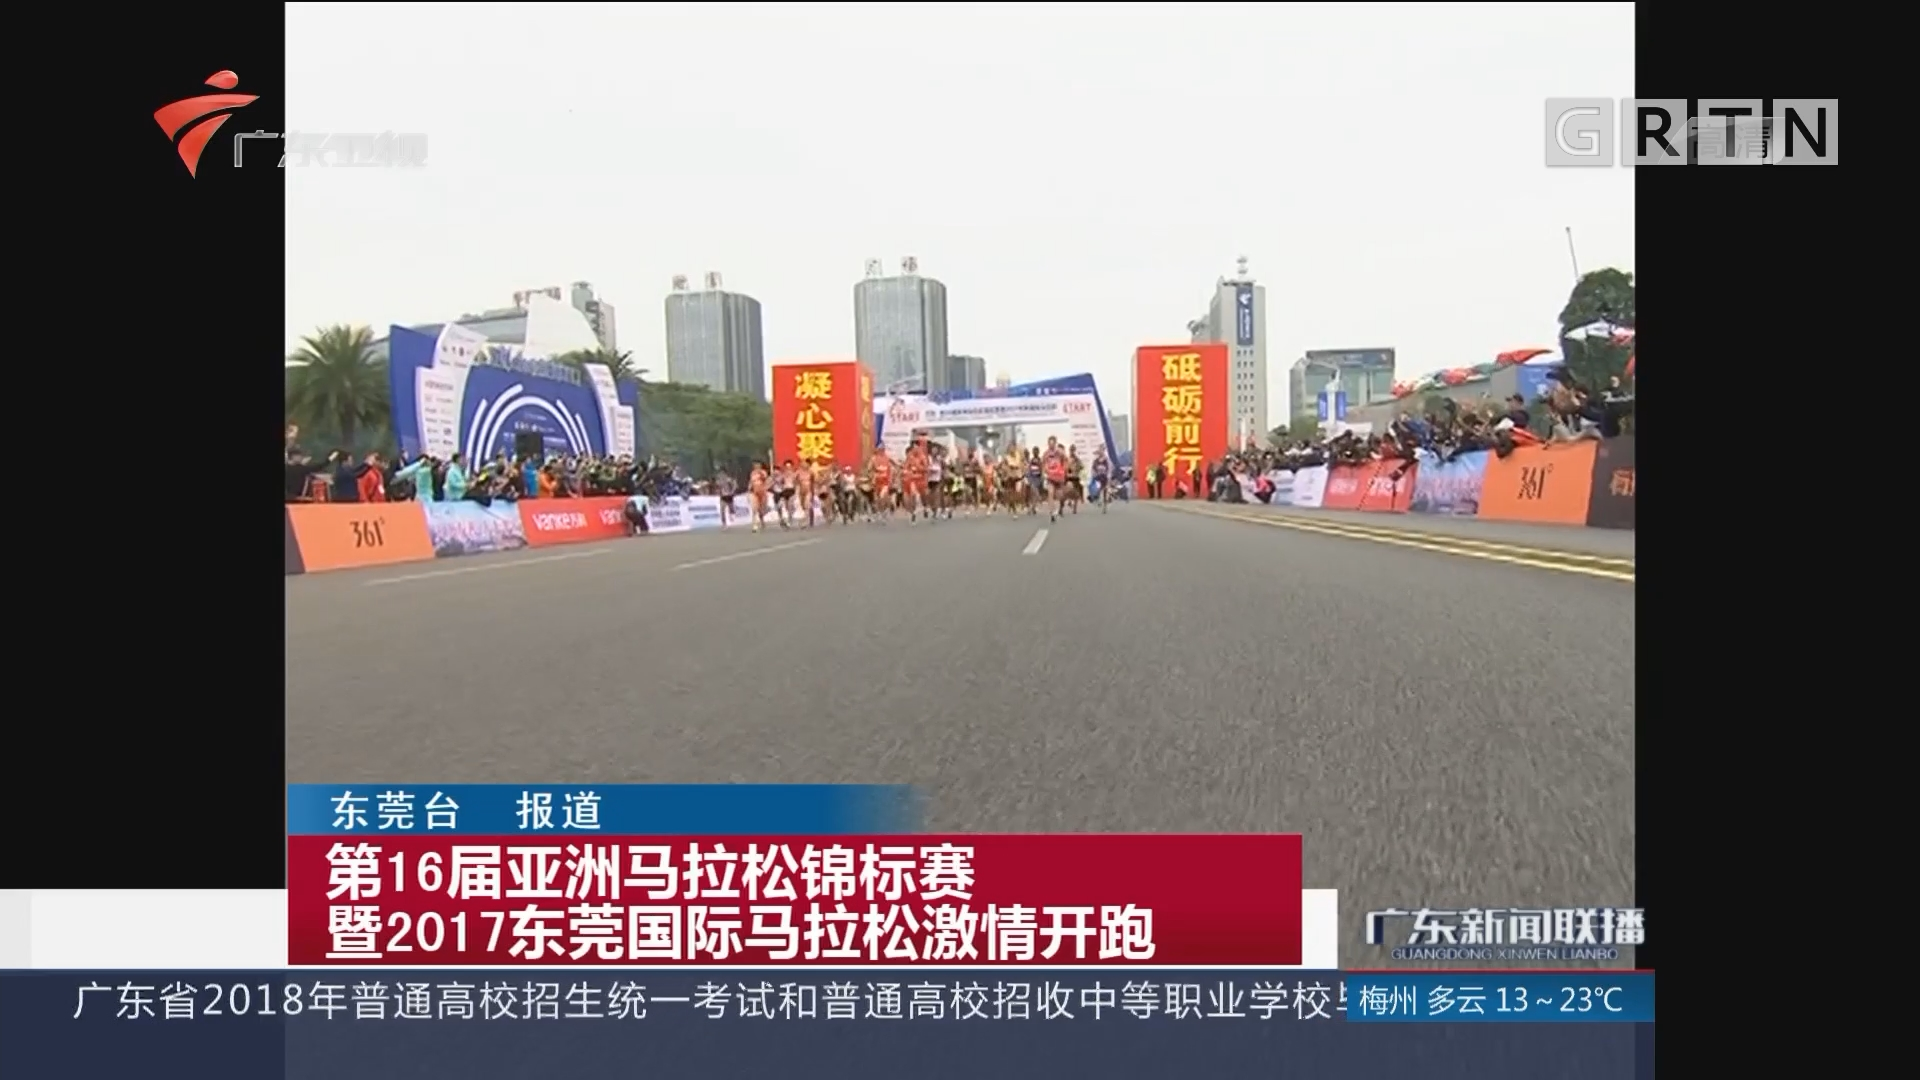 第16届亚洲马拉松锦标赛暨2017东莞国际马拉松激情开跑